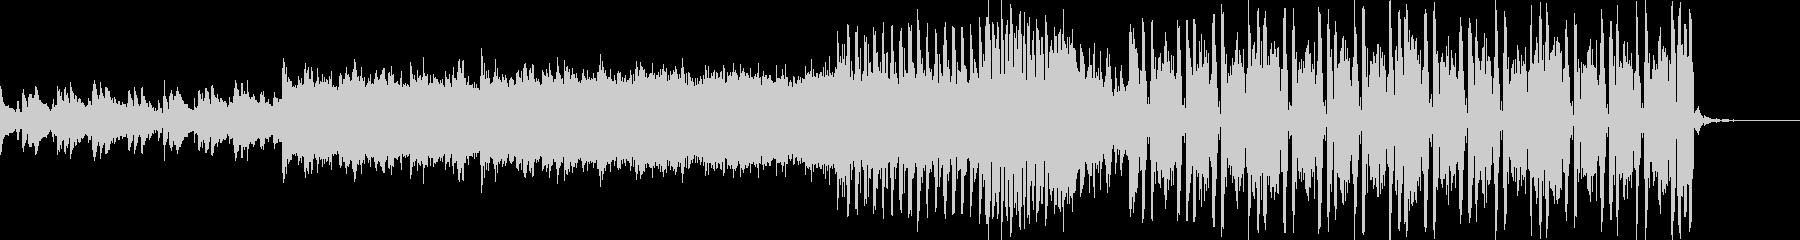 ピアノとシンセが印象的なハウス系ダンス曲の未再生の波形